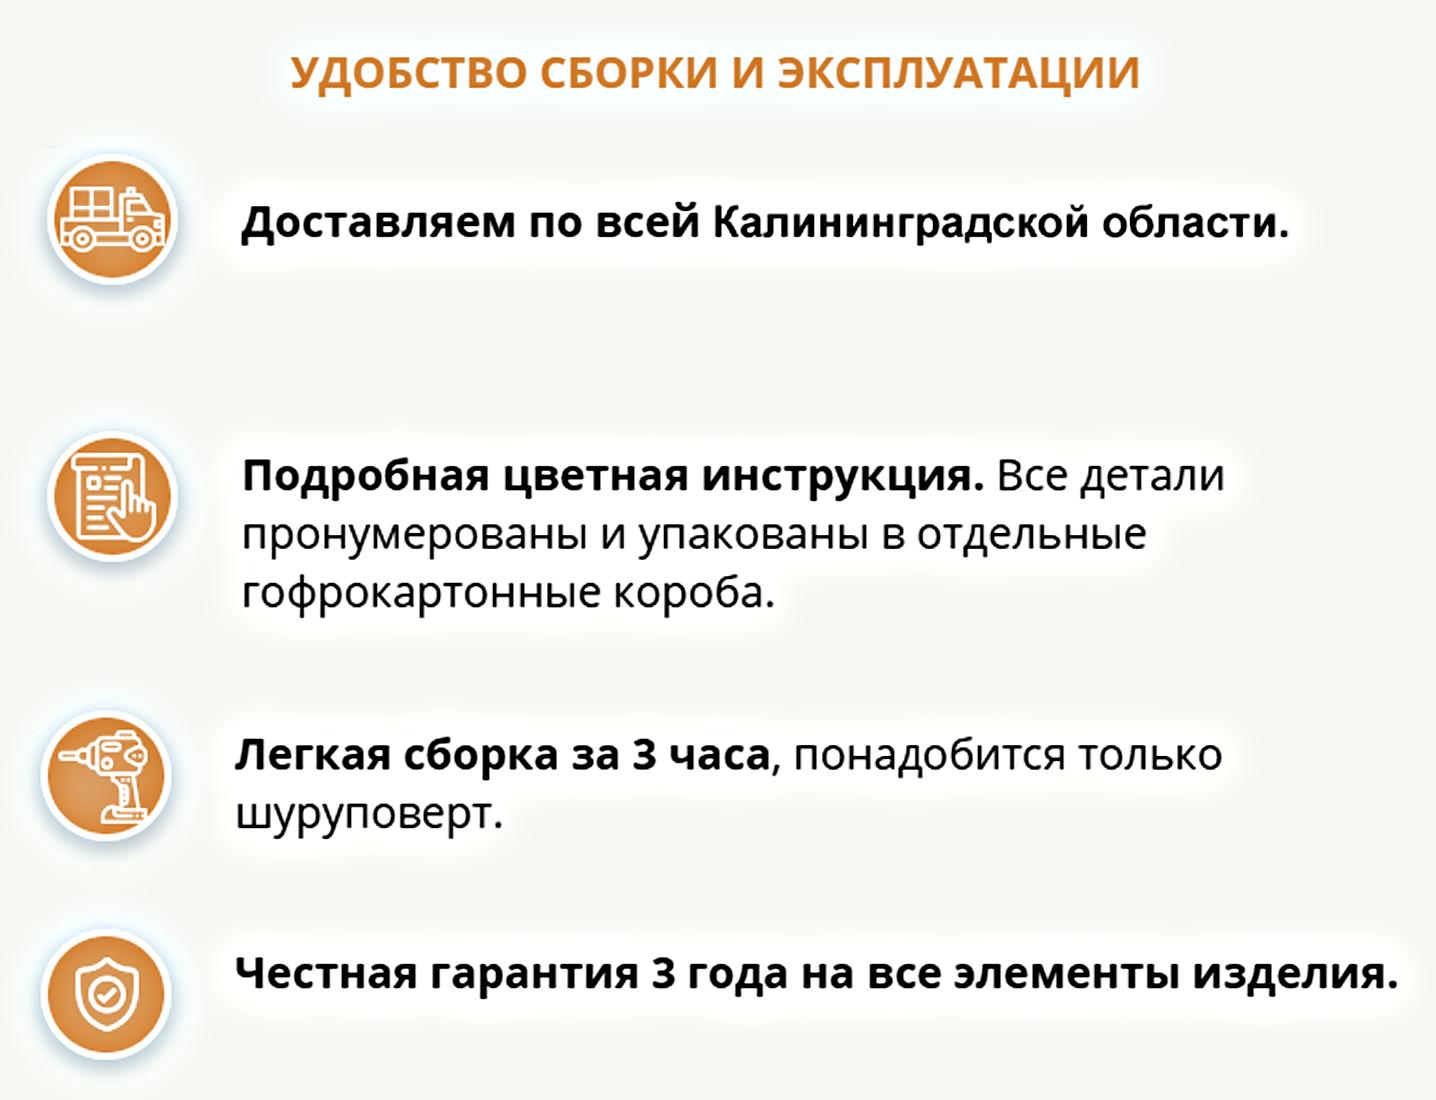 udobstvo_sborki2